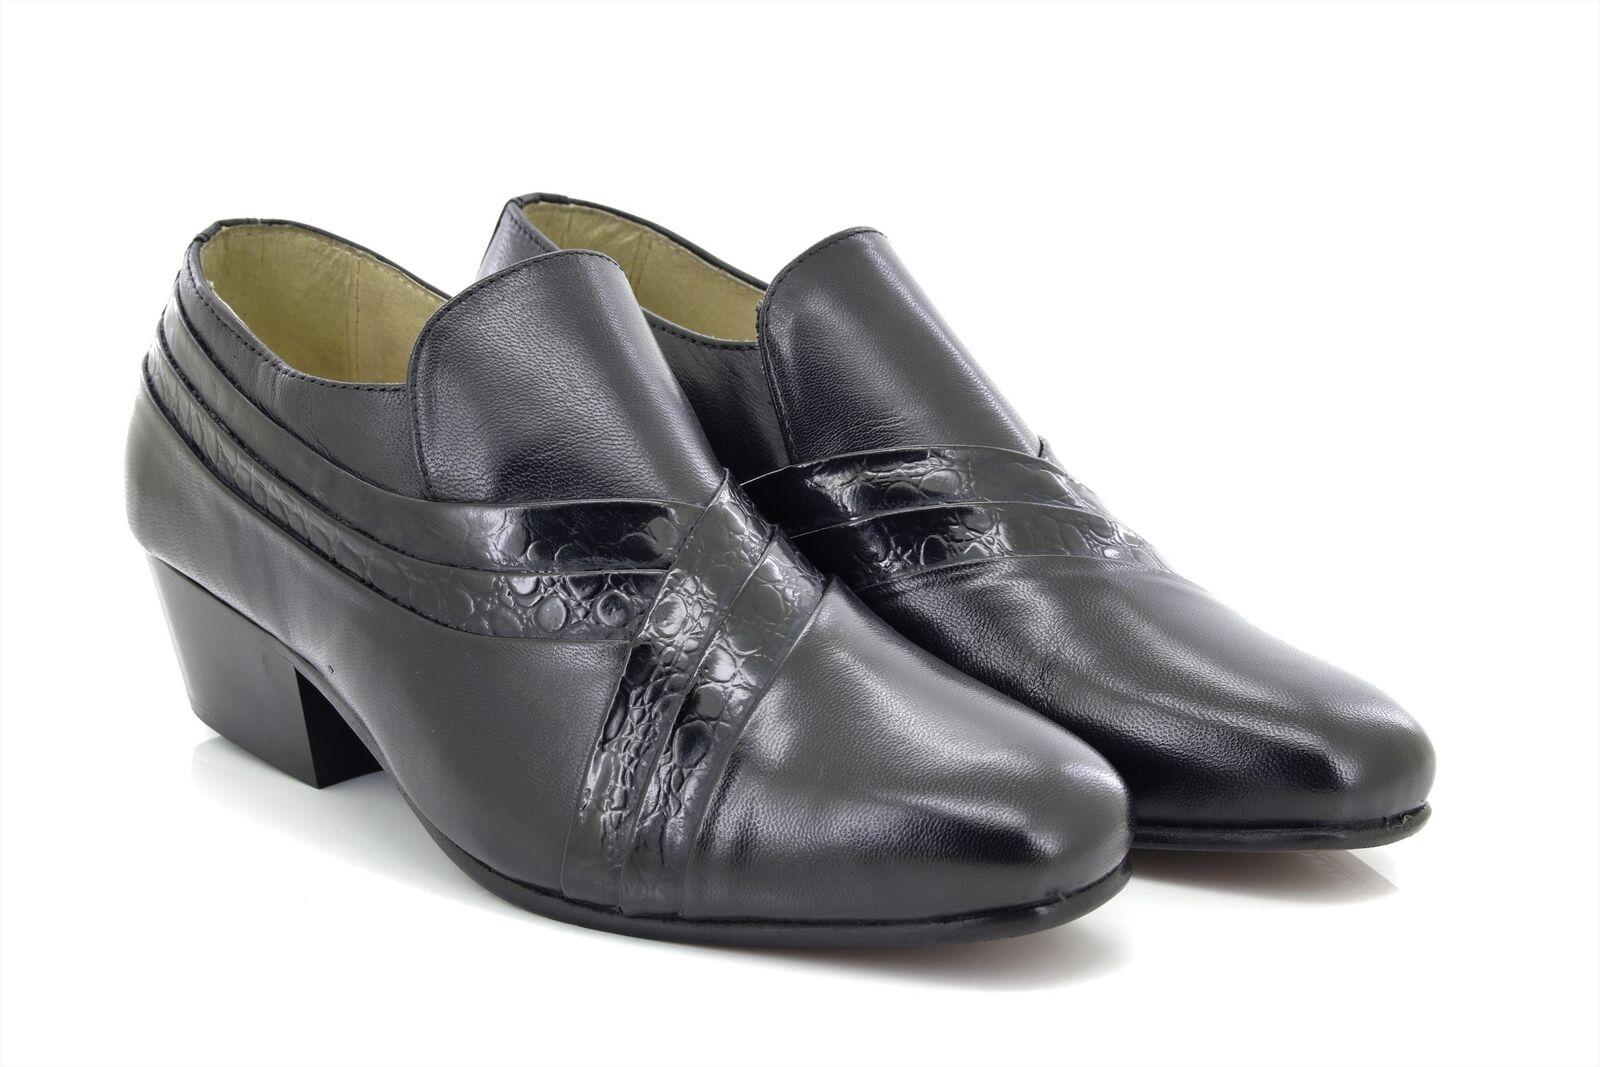 Montecatini Carl Leder Herren Weiches Leder Carl Plissiert Blockabsatz Schuhe afcb7f